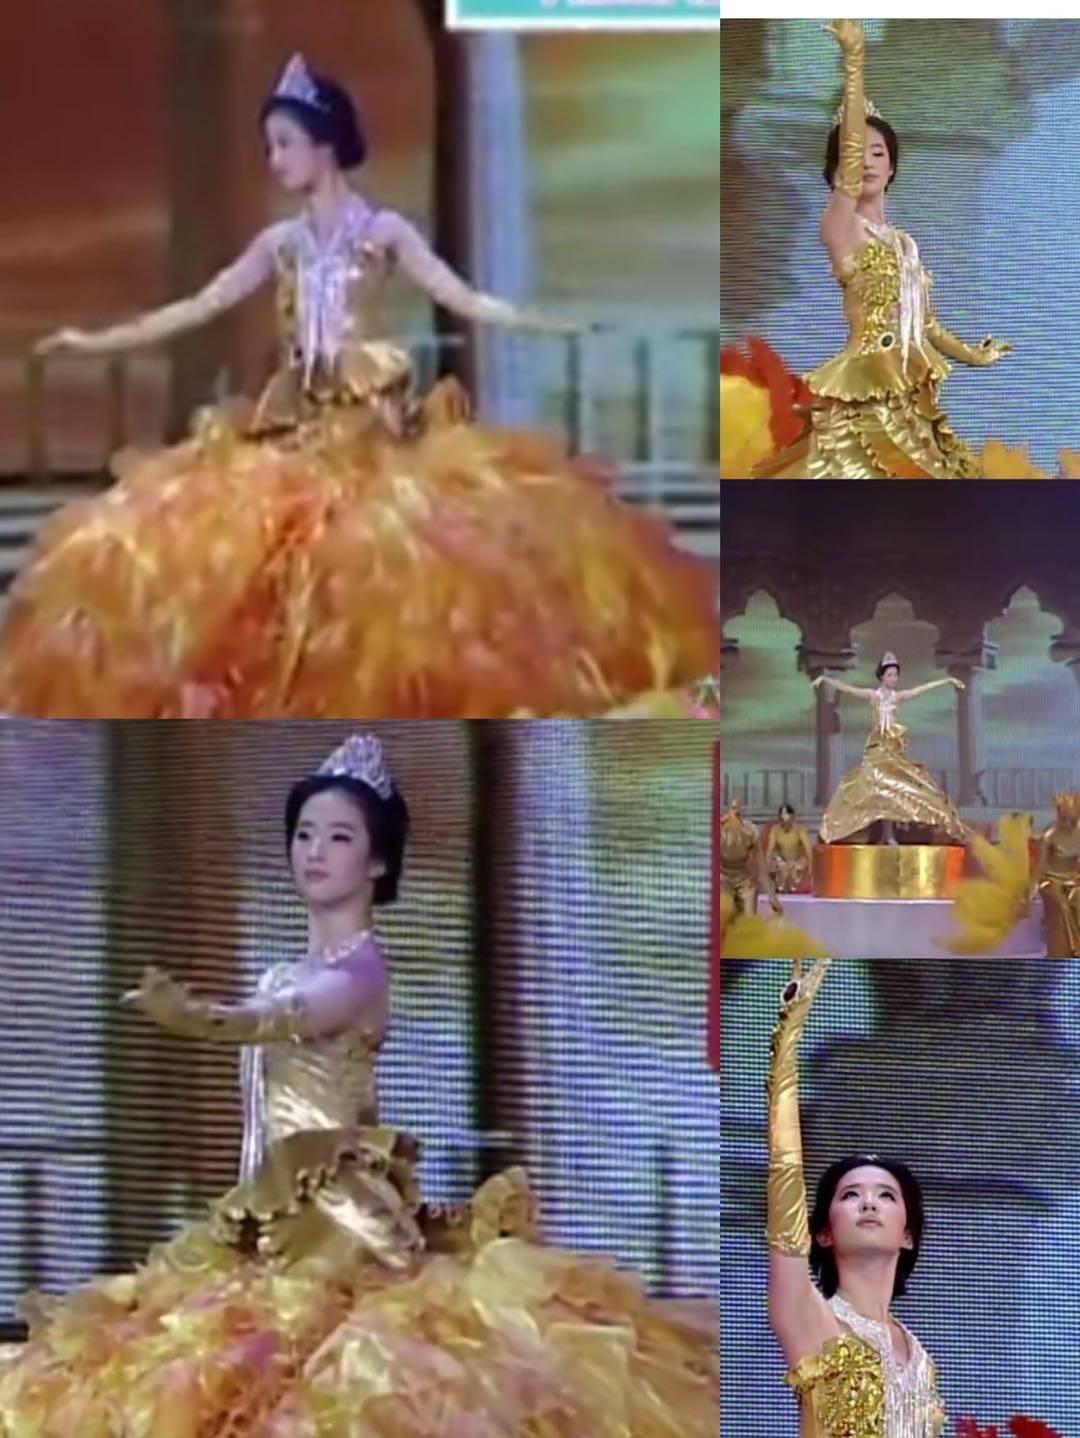 金鹰女神打开方式,刘诗诗最风光,李小璐最平淡,宋茜最黯淡